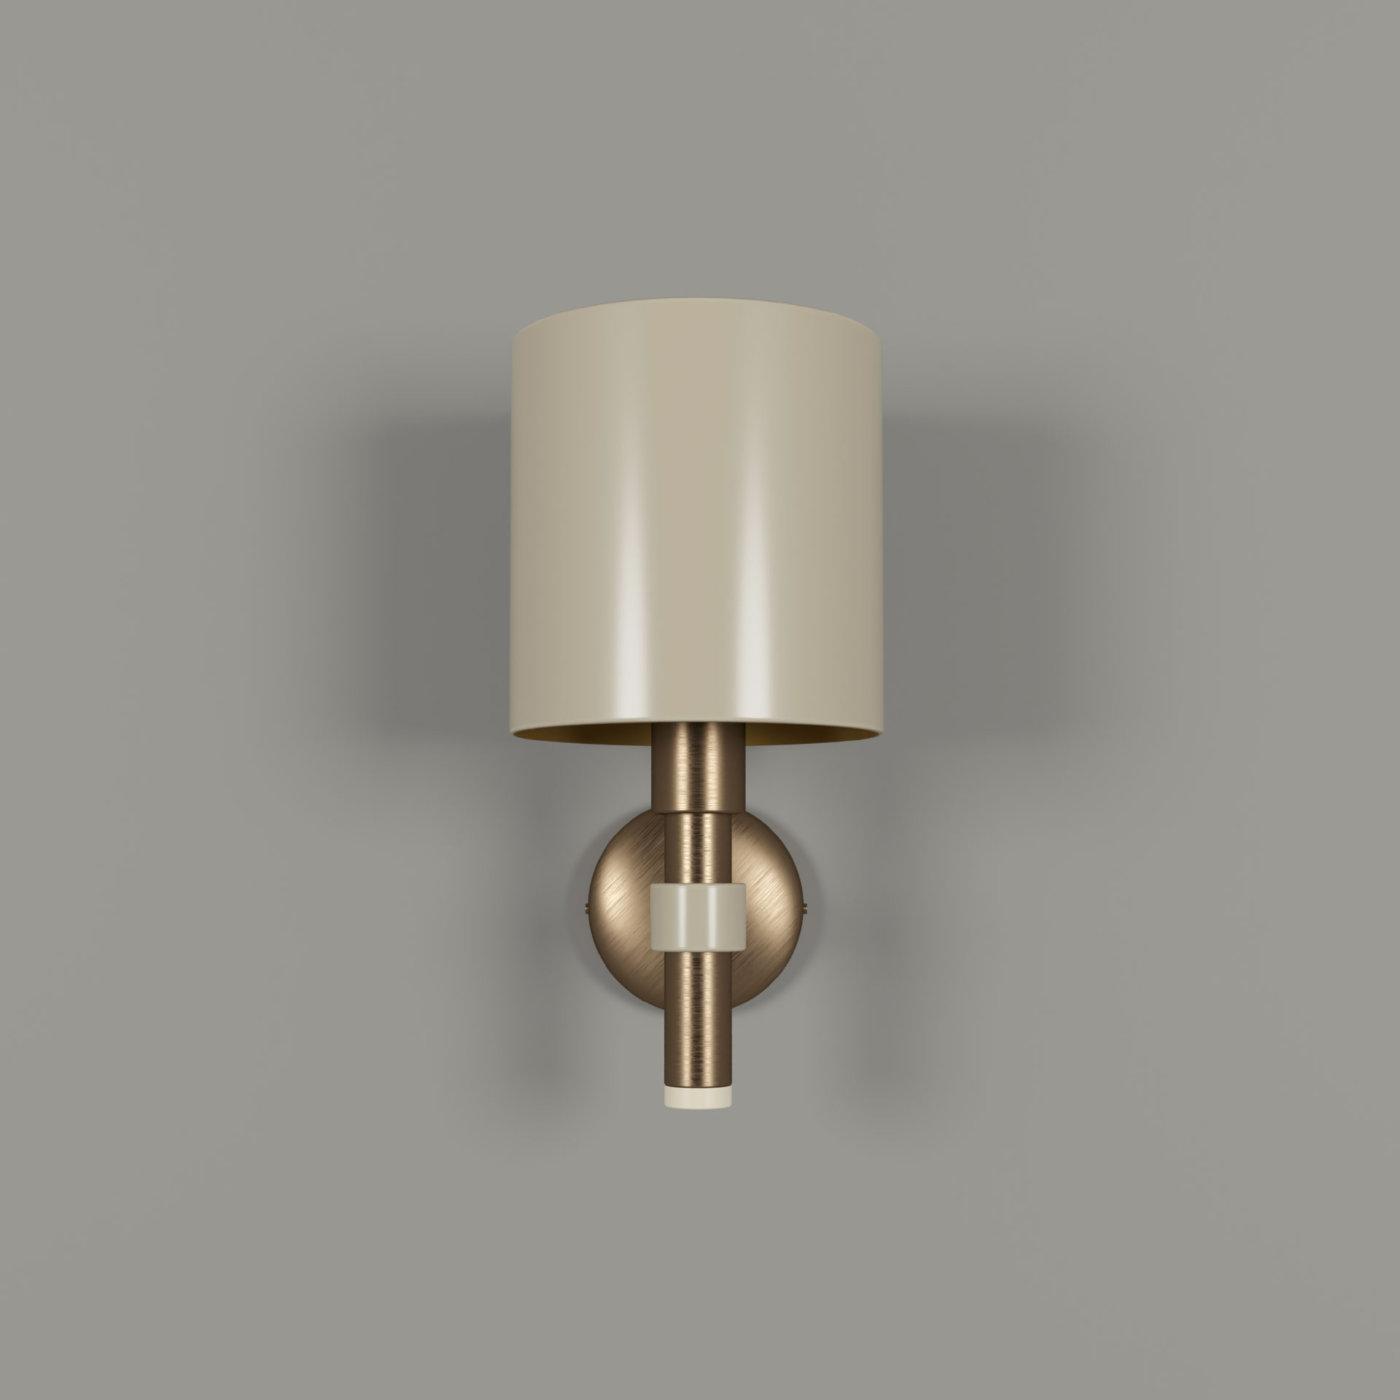 Salamanca wall lamp